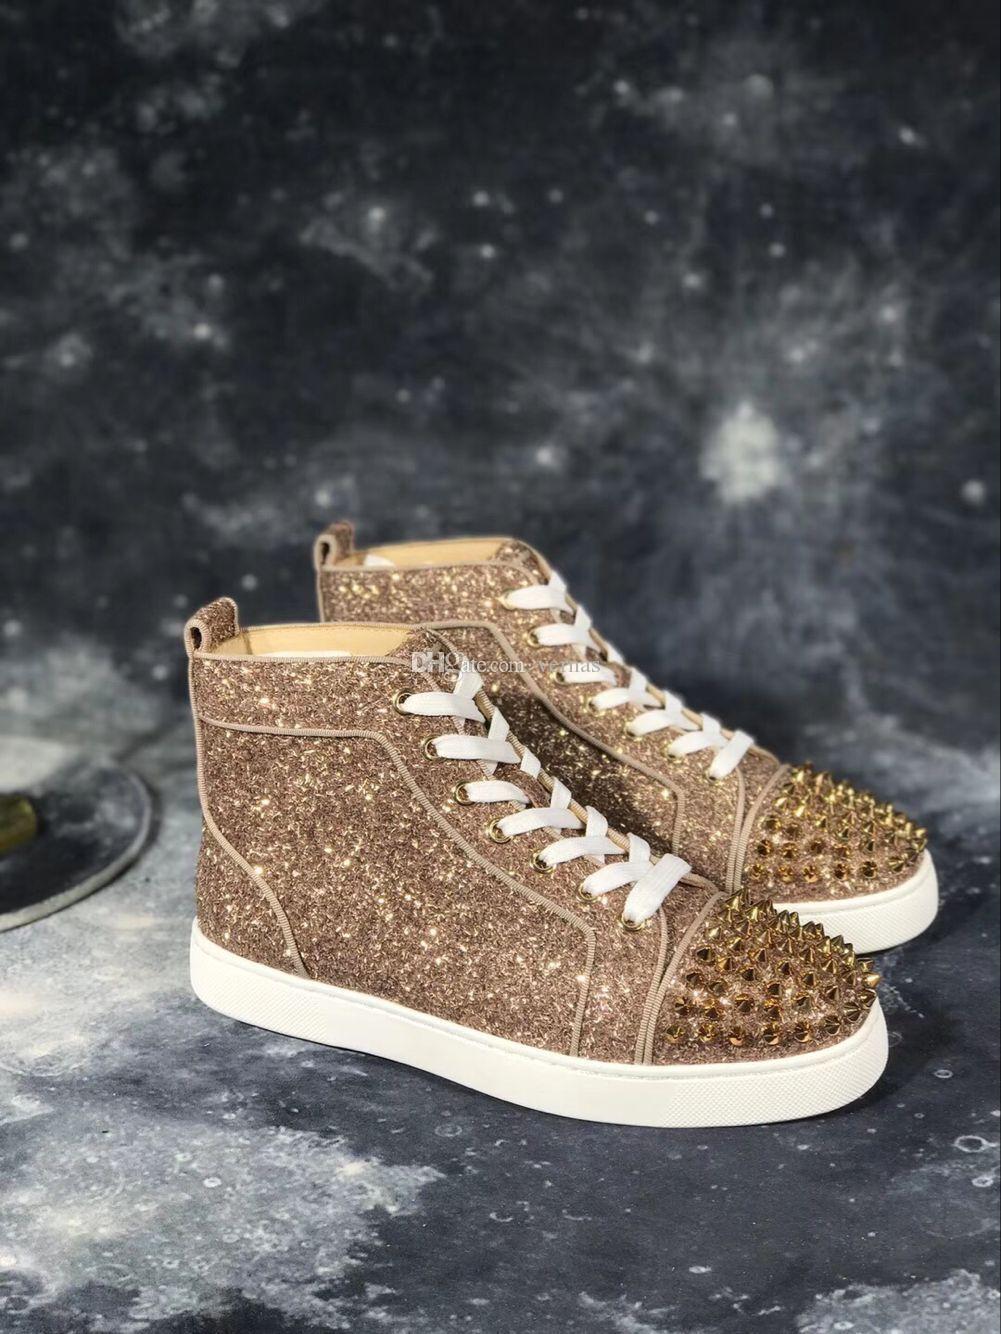 f0cdc0d61 Compre Picos De Ouro + Tênis De Brilho Sapatos De Luxo Designer Vermelho  Inferior Alta Top Homem Marca De Moda Confortável Casual Caminhada Saco De  Pó Único ...